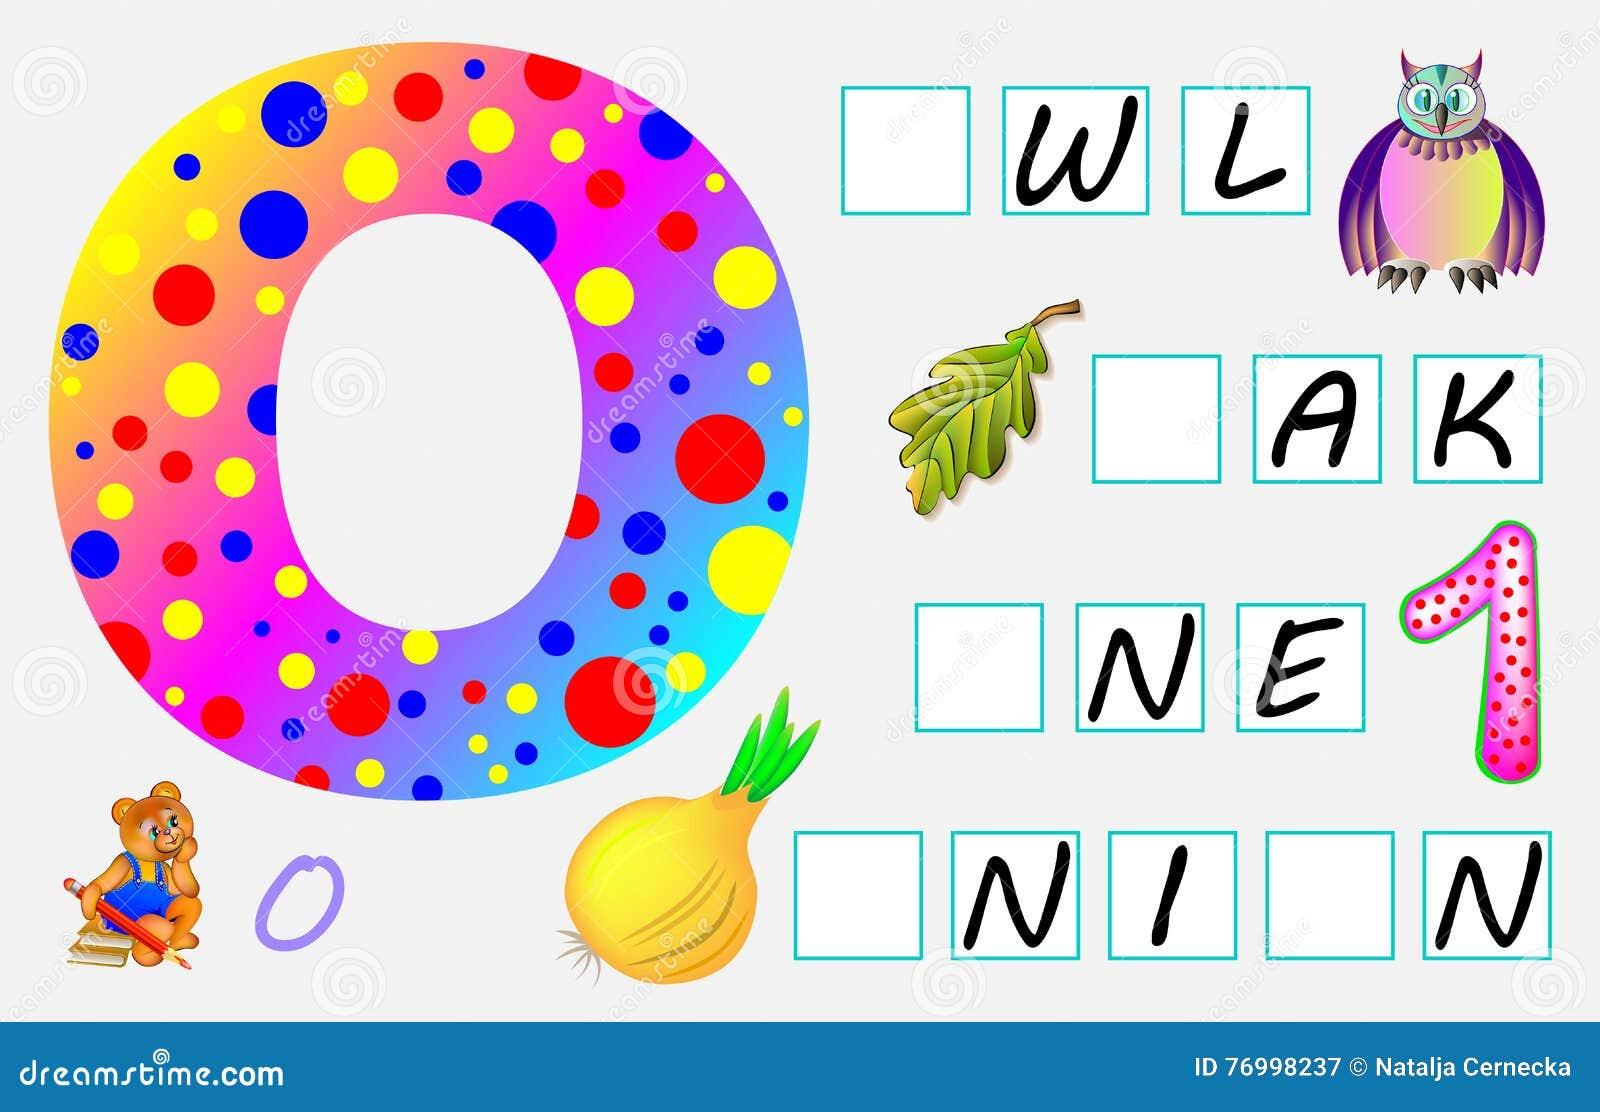 Pädagogische Seite Für Kinder Mit Buchstaben O Für Studie Englisch ...